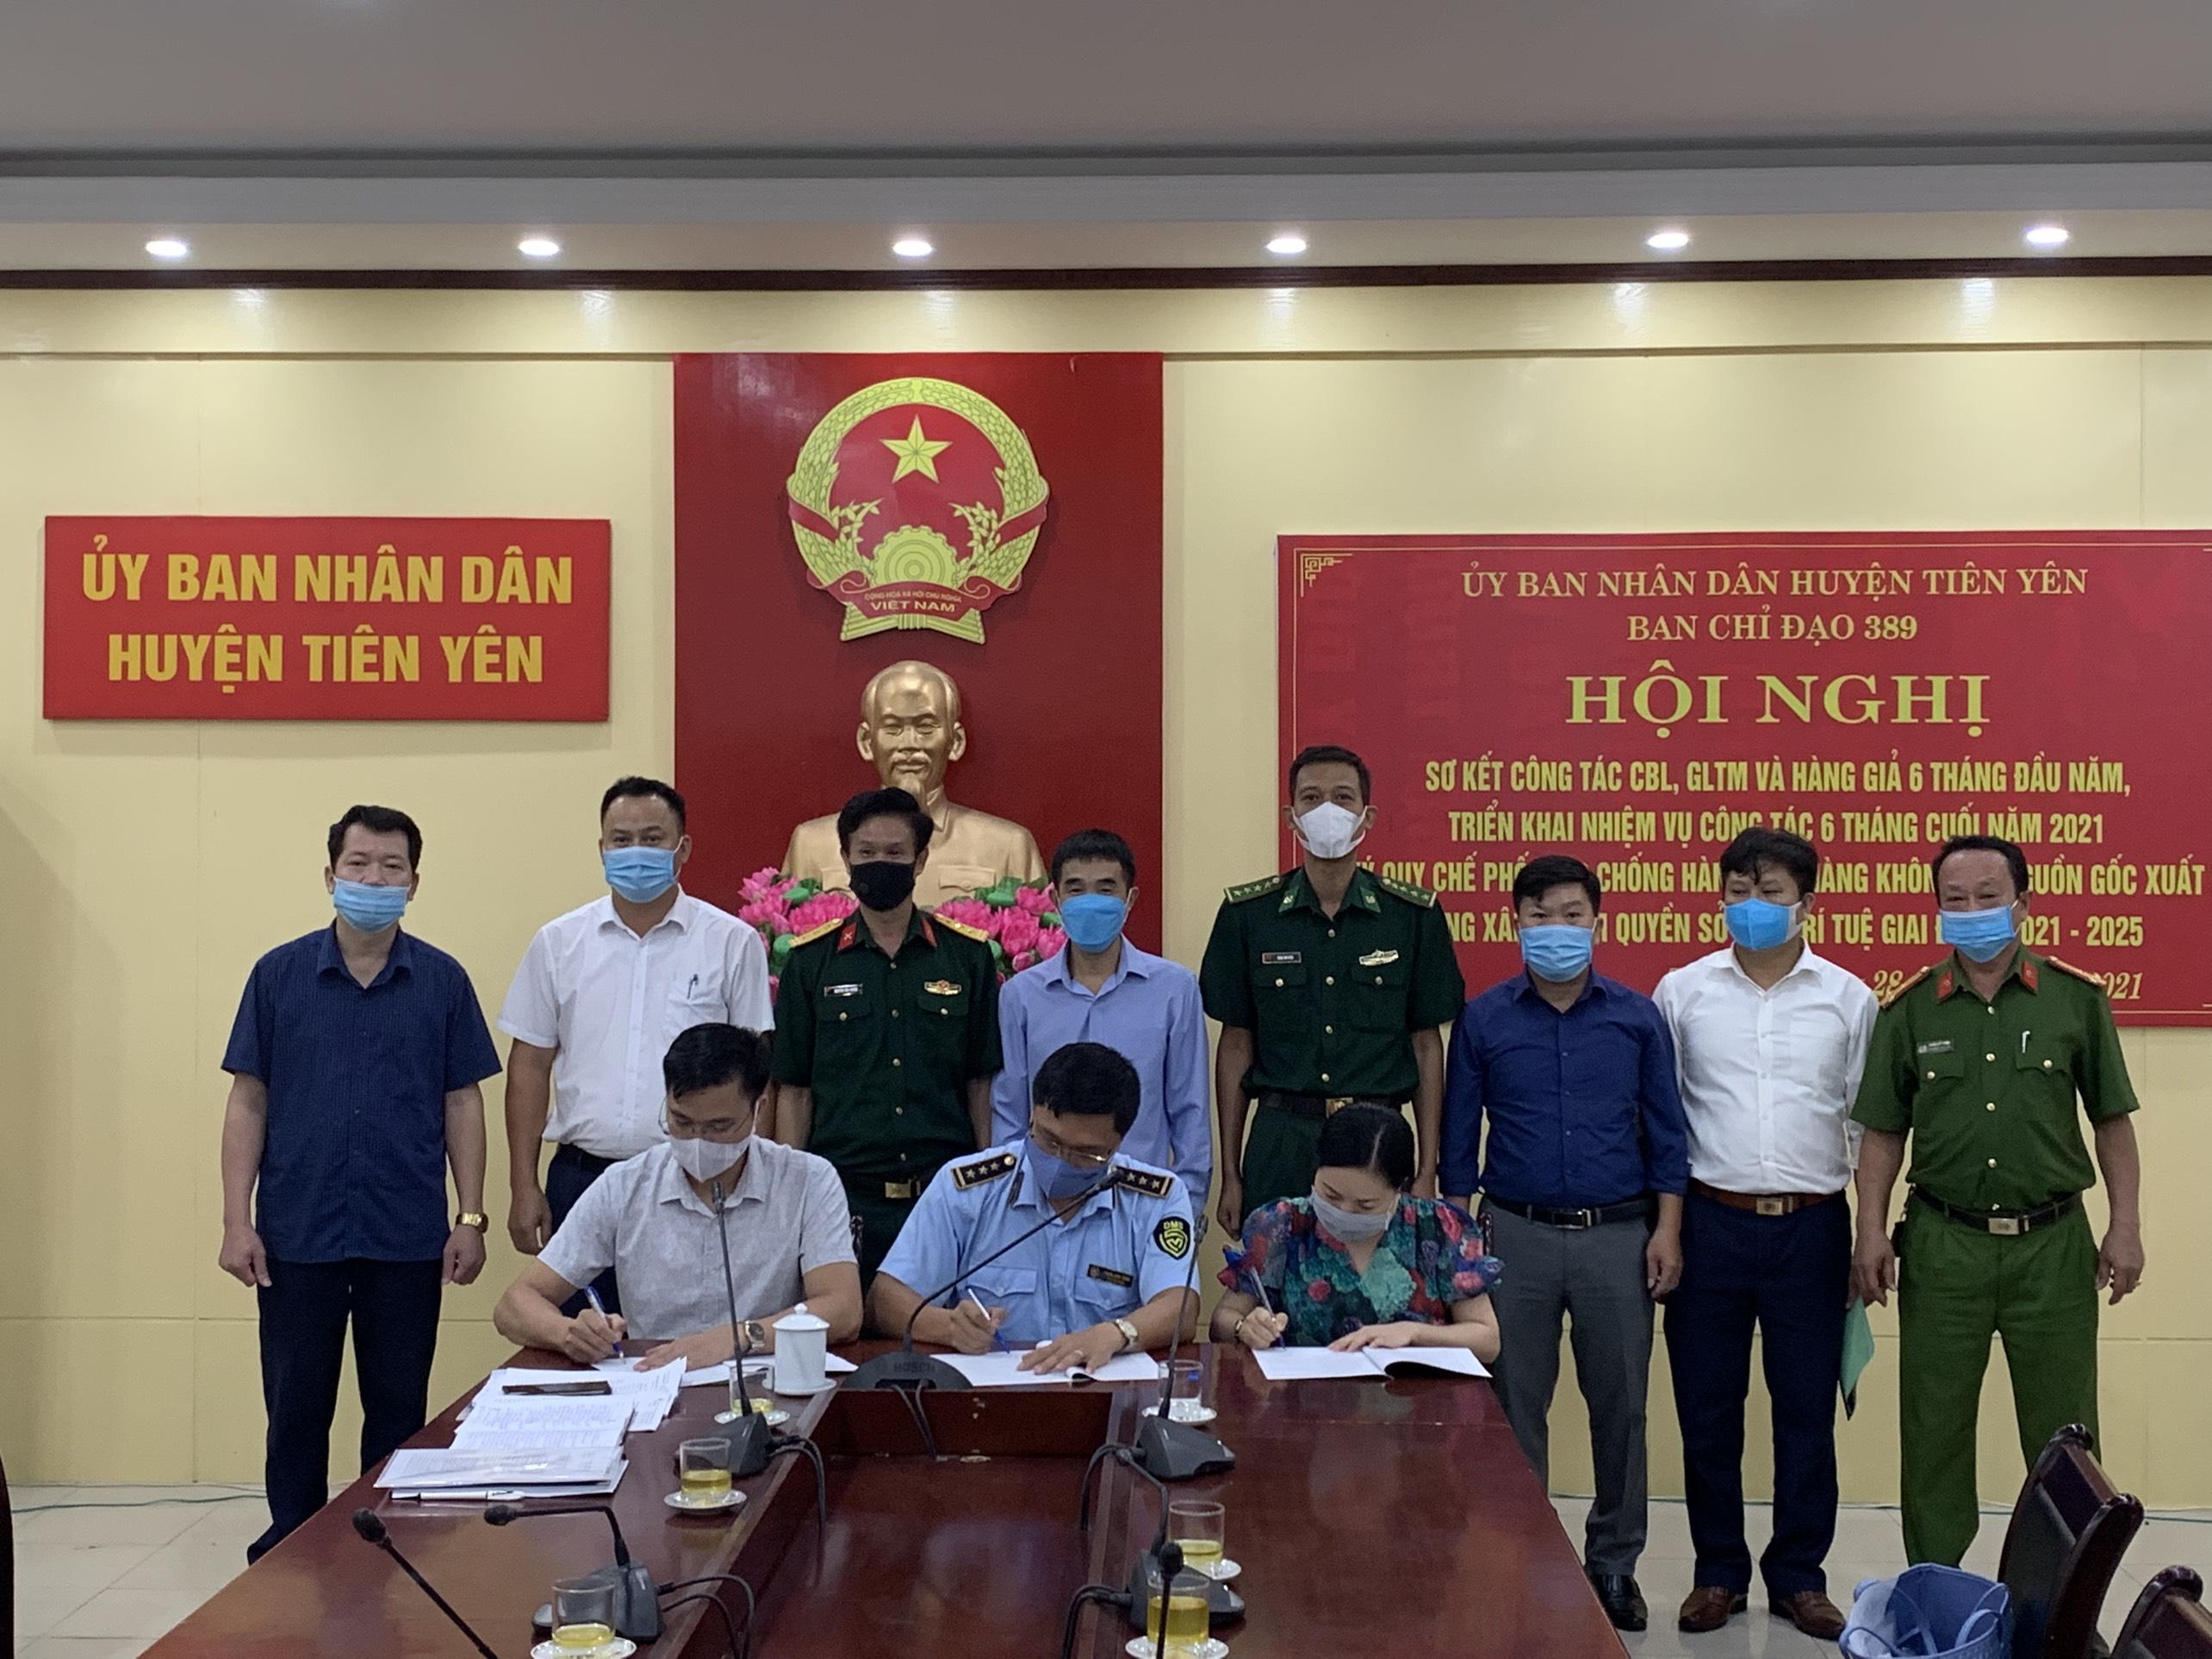 Cục QLTT Quảng Ninh: Ký kết quy chế phối hợp đấu tranh phòng, chống gian lận thương mại, hàng giả trên địa bàn huyện Tiên Yên.